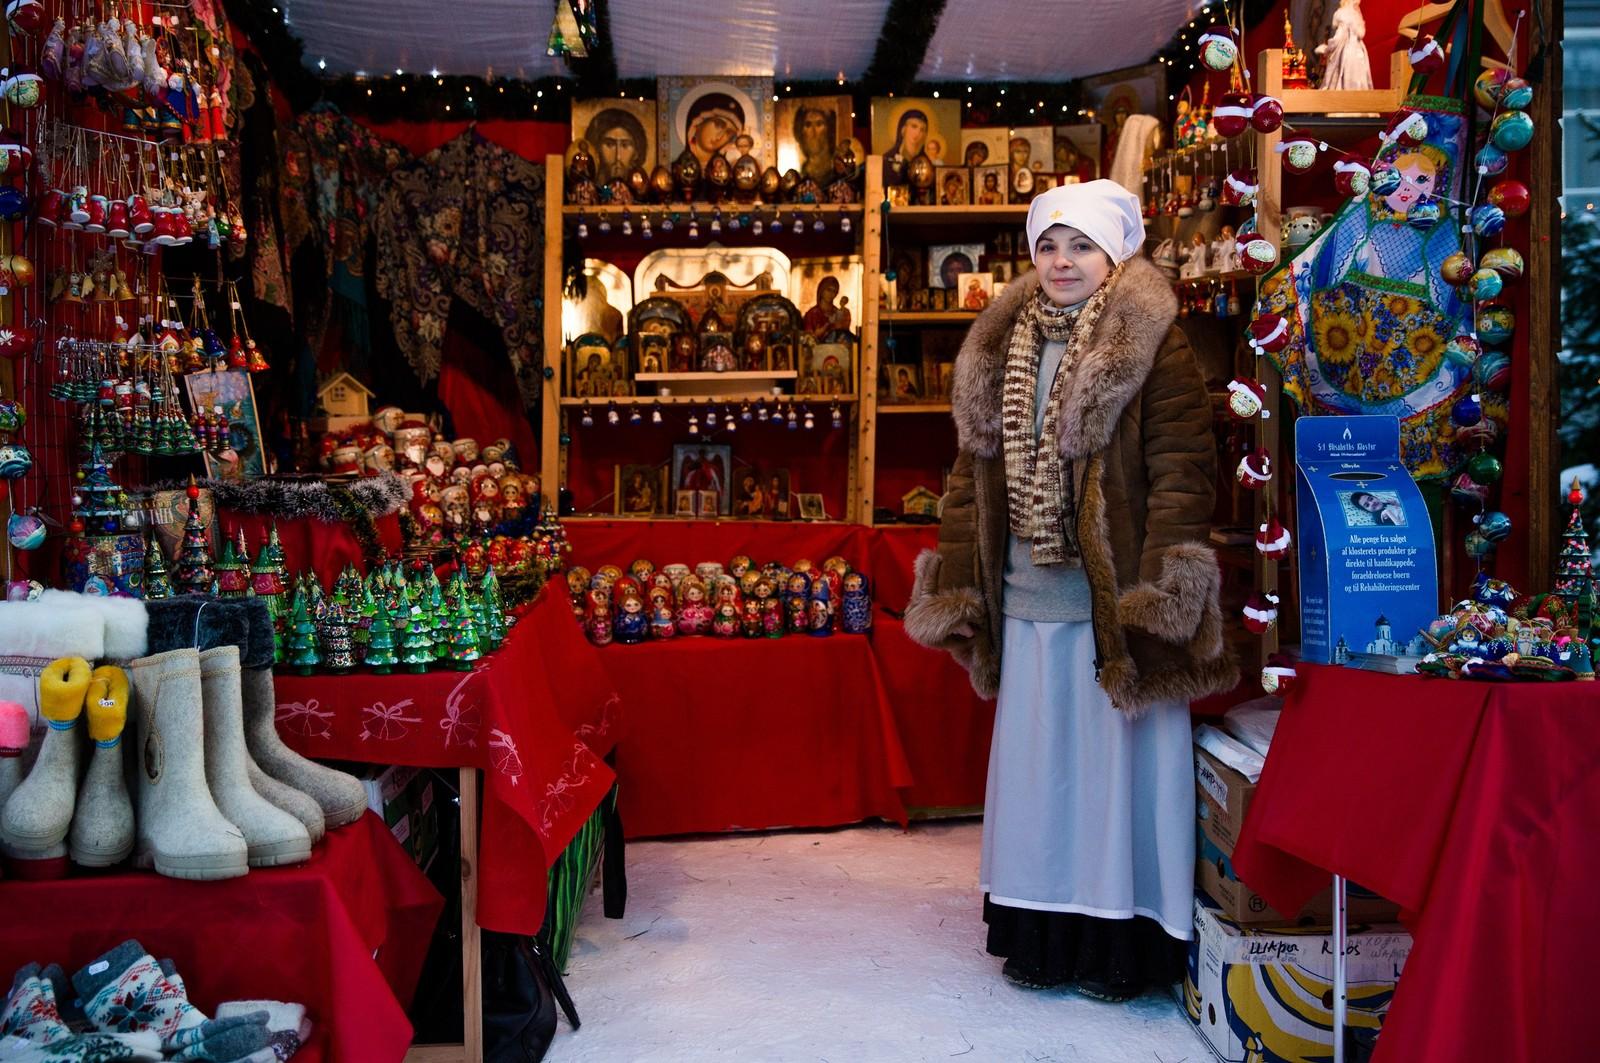 Variasjonen i salgsutstillinger er stor. St. Elisabeths kloster selger varer til inntekt for handikappede barn.